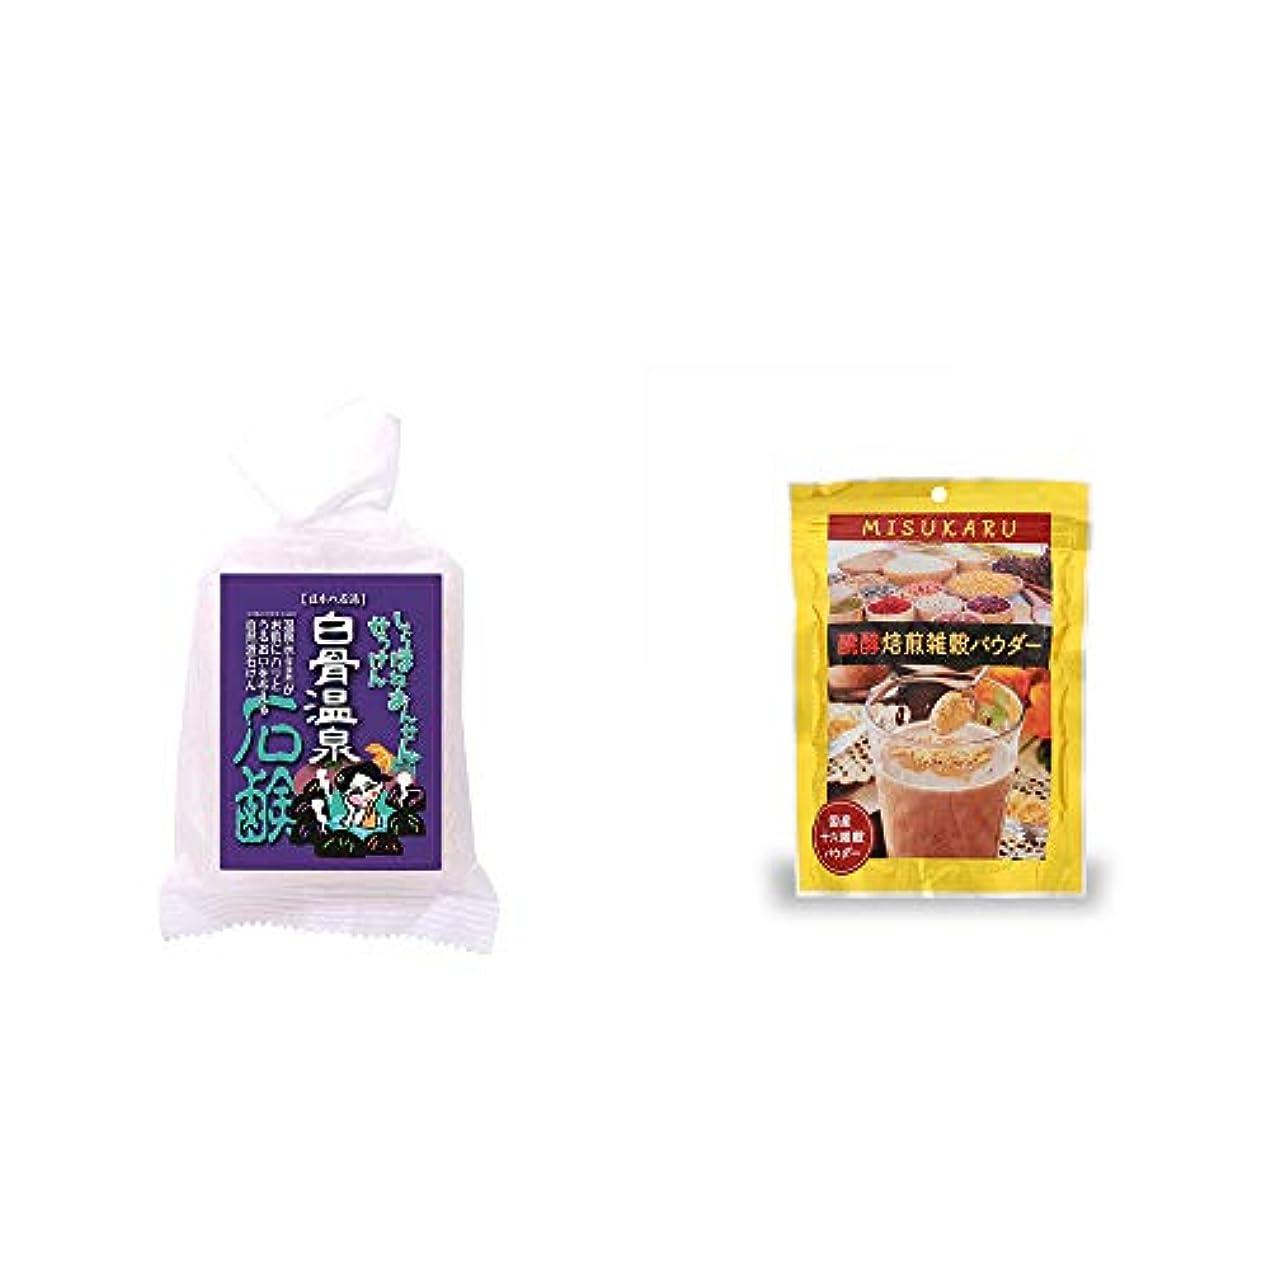 破壊的な服を洗う大きい[2点セット] 信州 白骨温泉石鹸(80g)?醗酵焙煎雑穀パウダー MISUKARU(ミスカル)(200g)